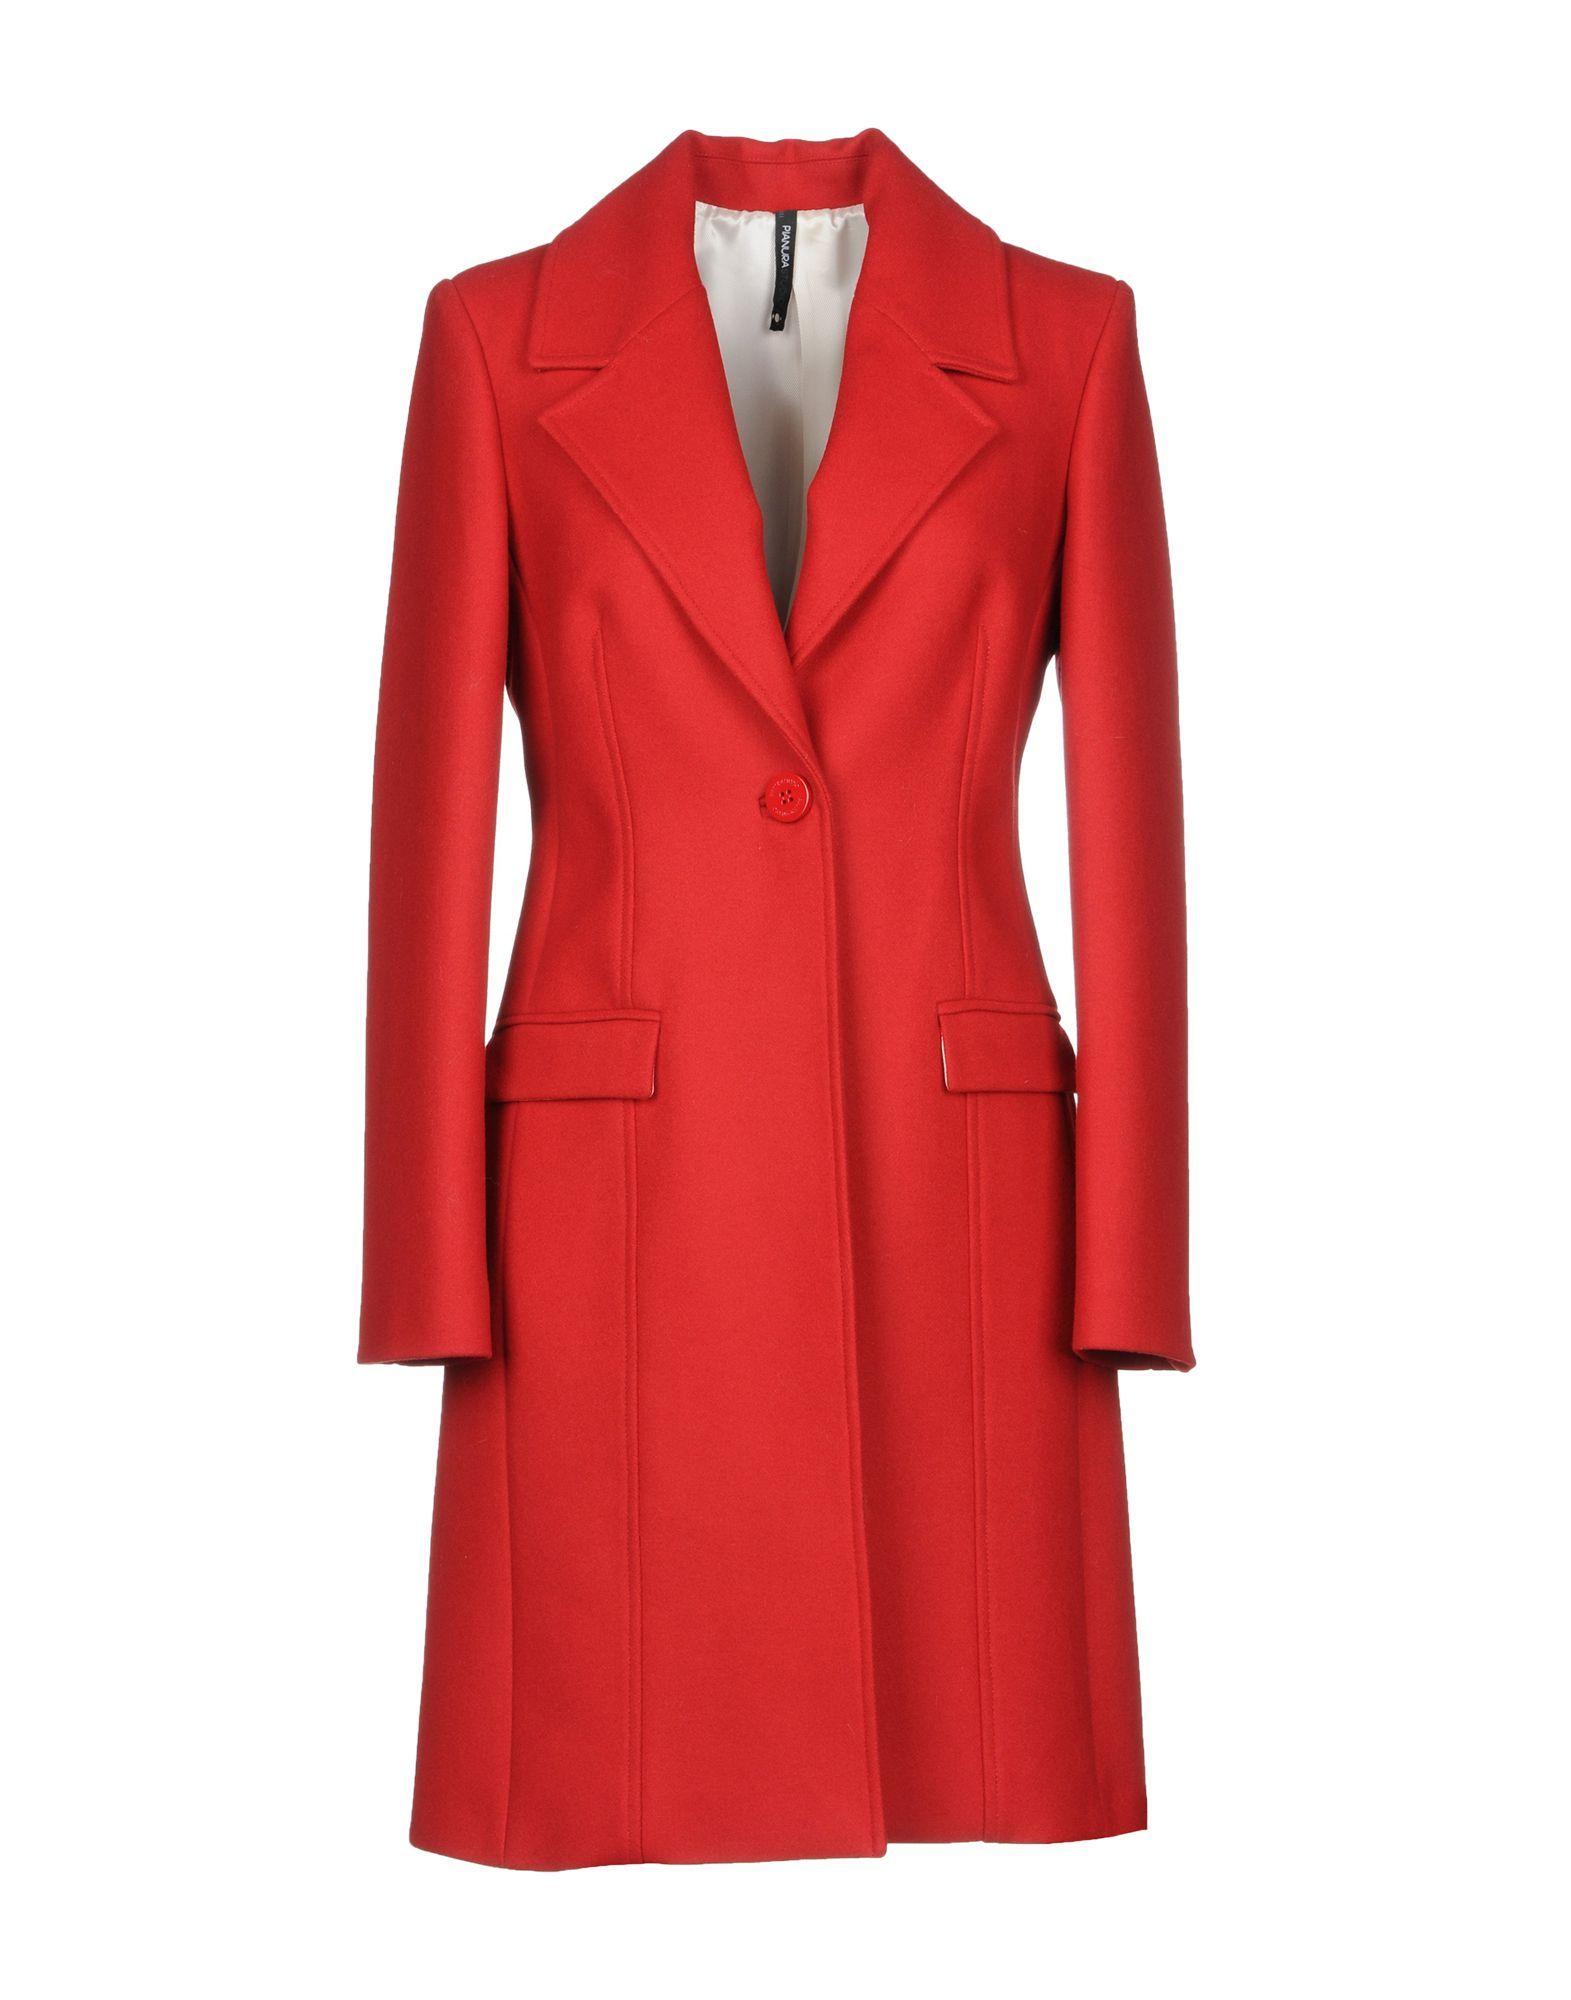 COATS & JACKETS Pianurastudio Red Woman Wool